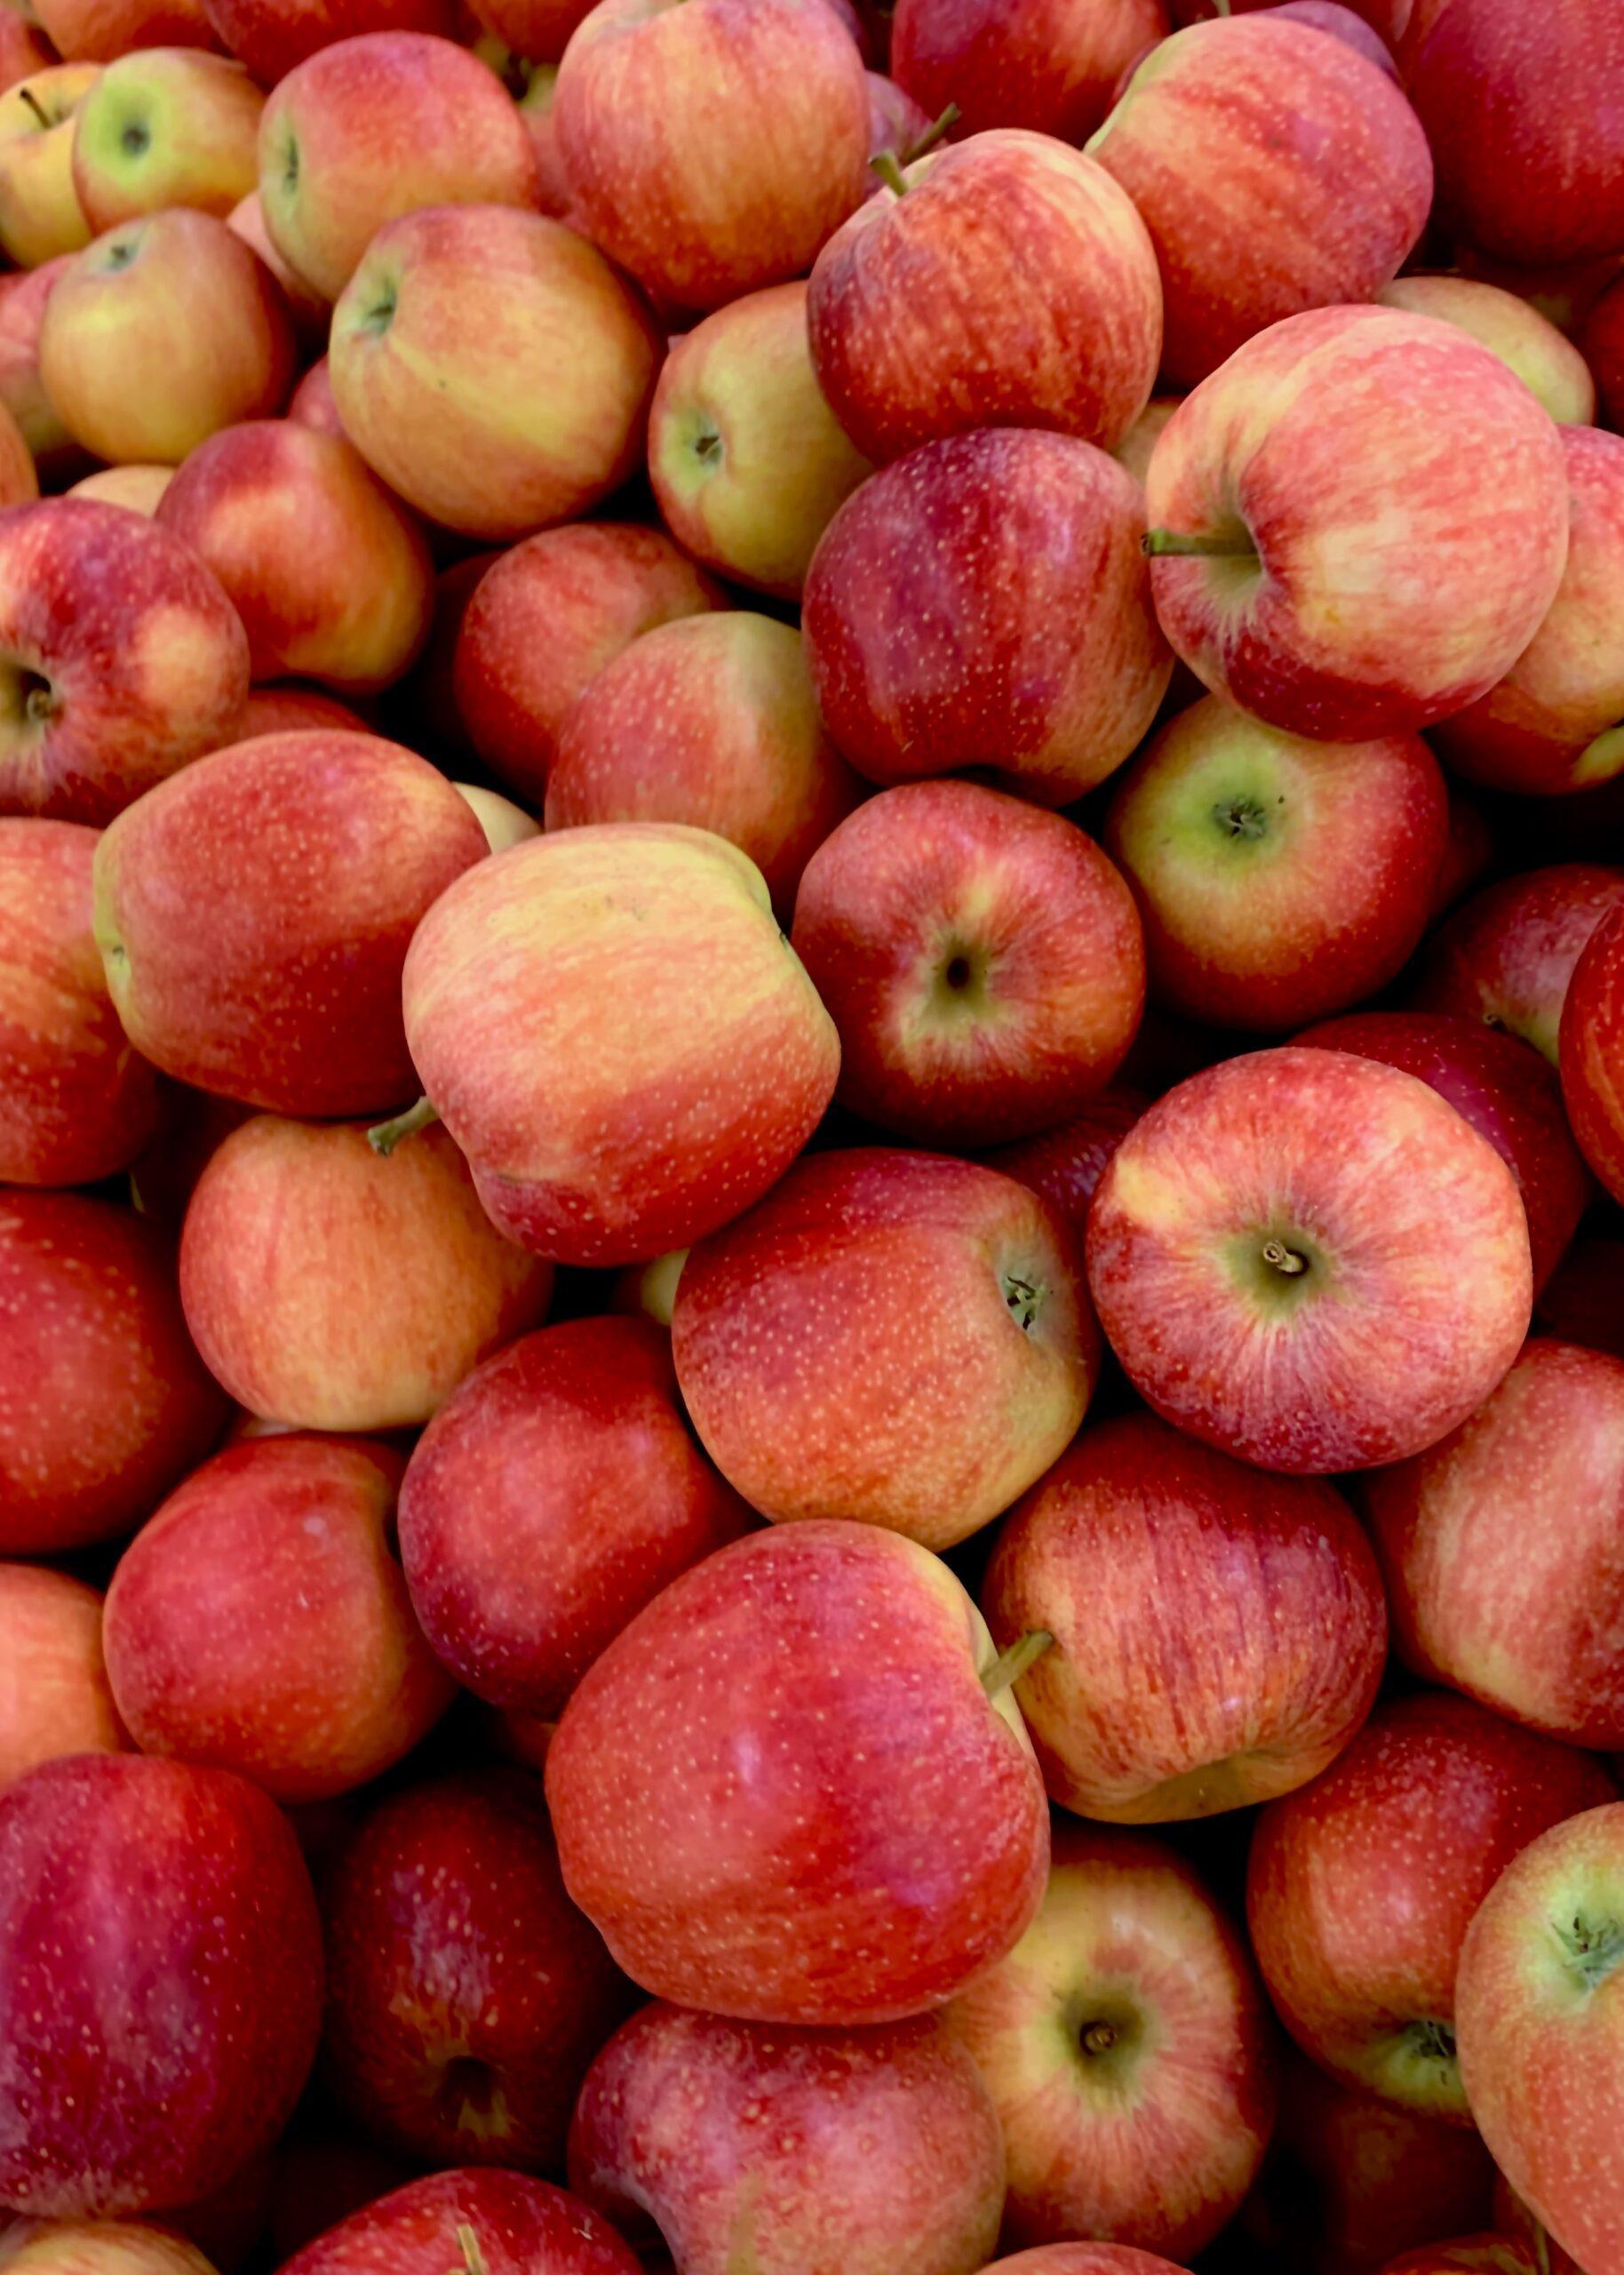 czerwono-żółte jabłka